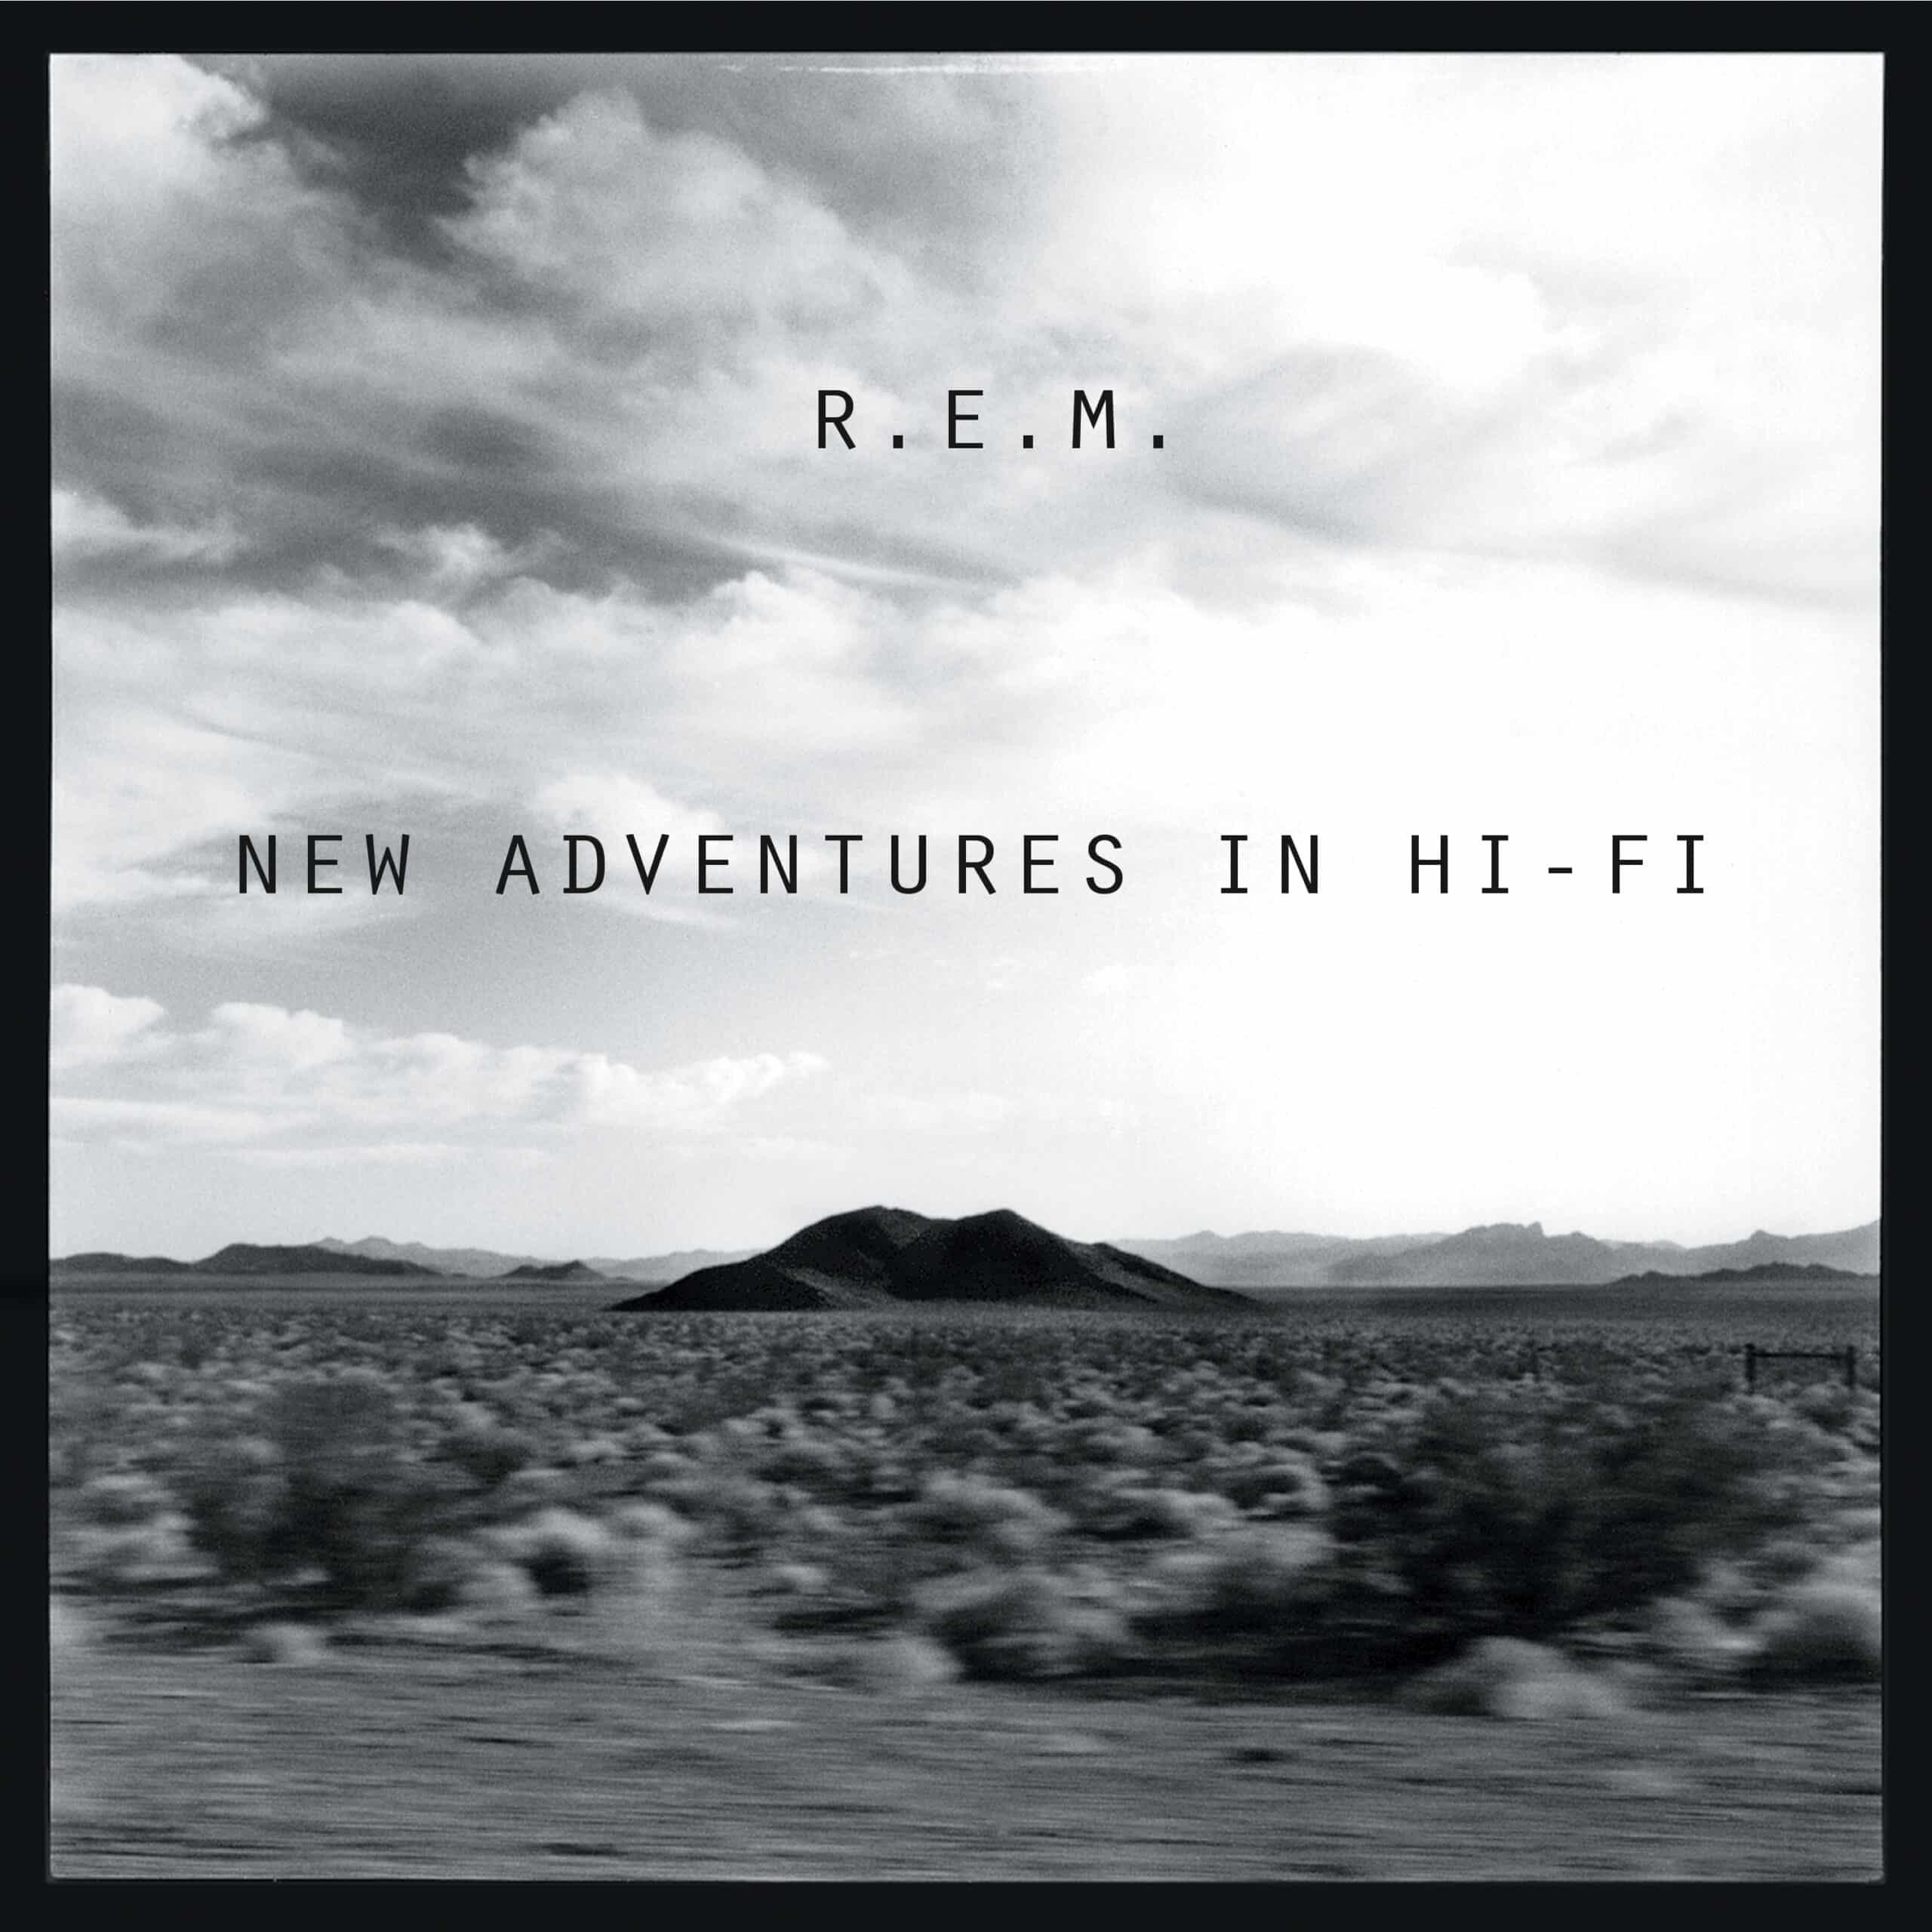 R.E.M - New Adventures In Hi-Fi (25th Anniversary Edition)